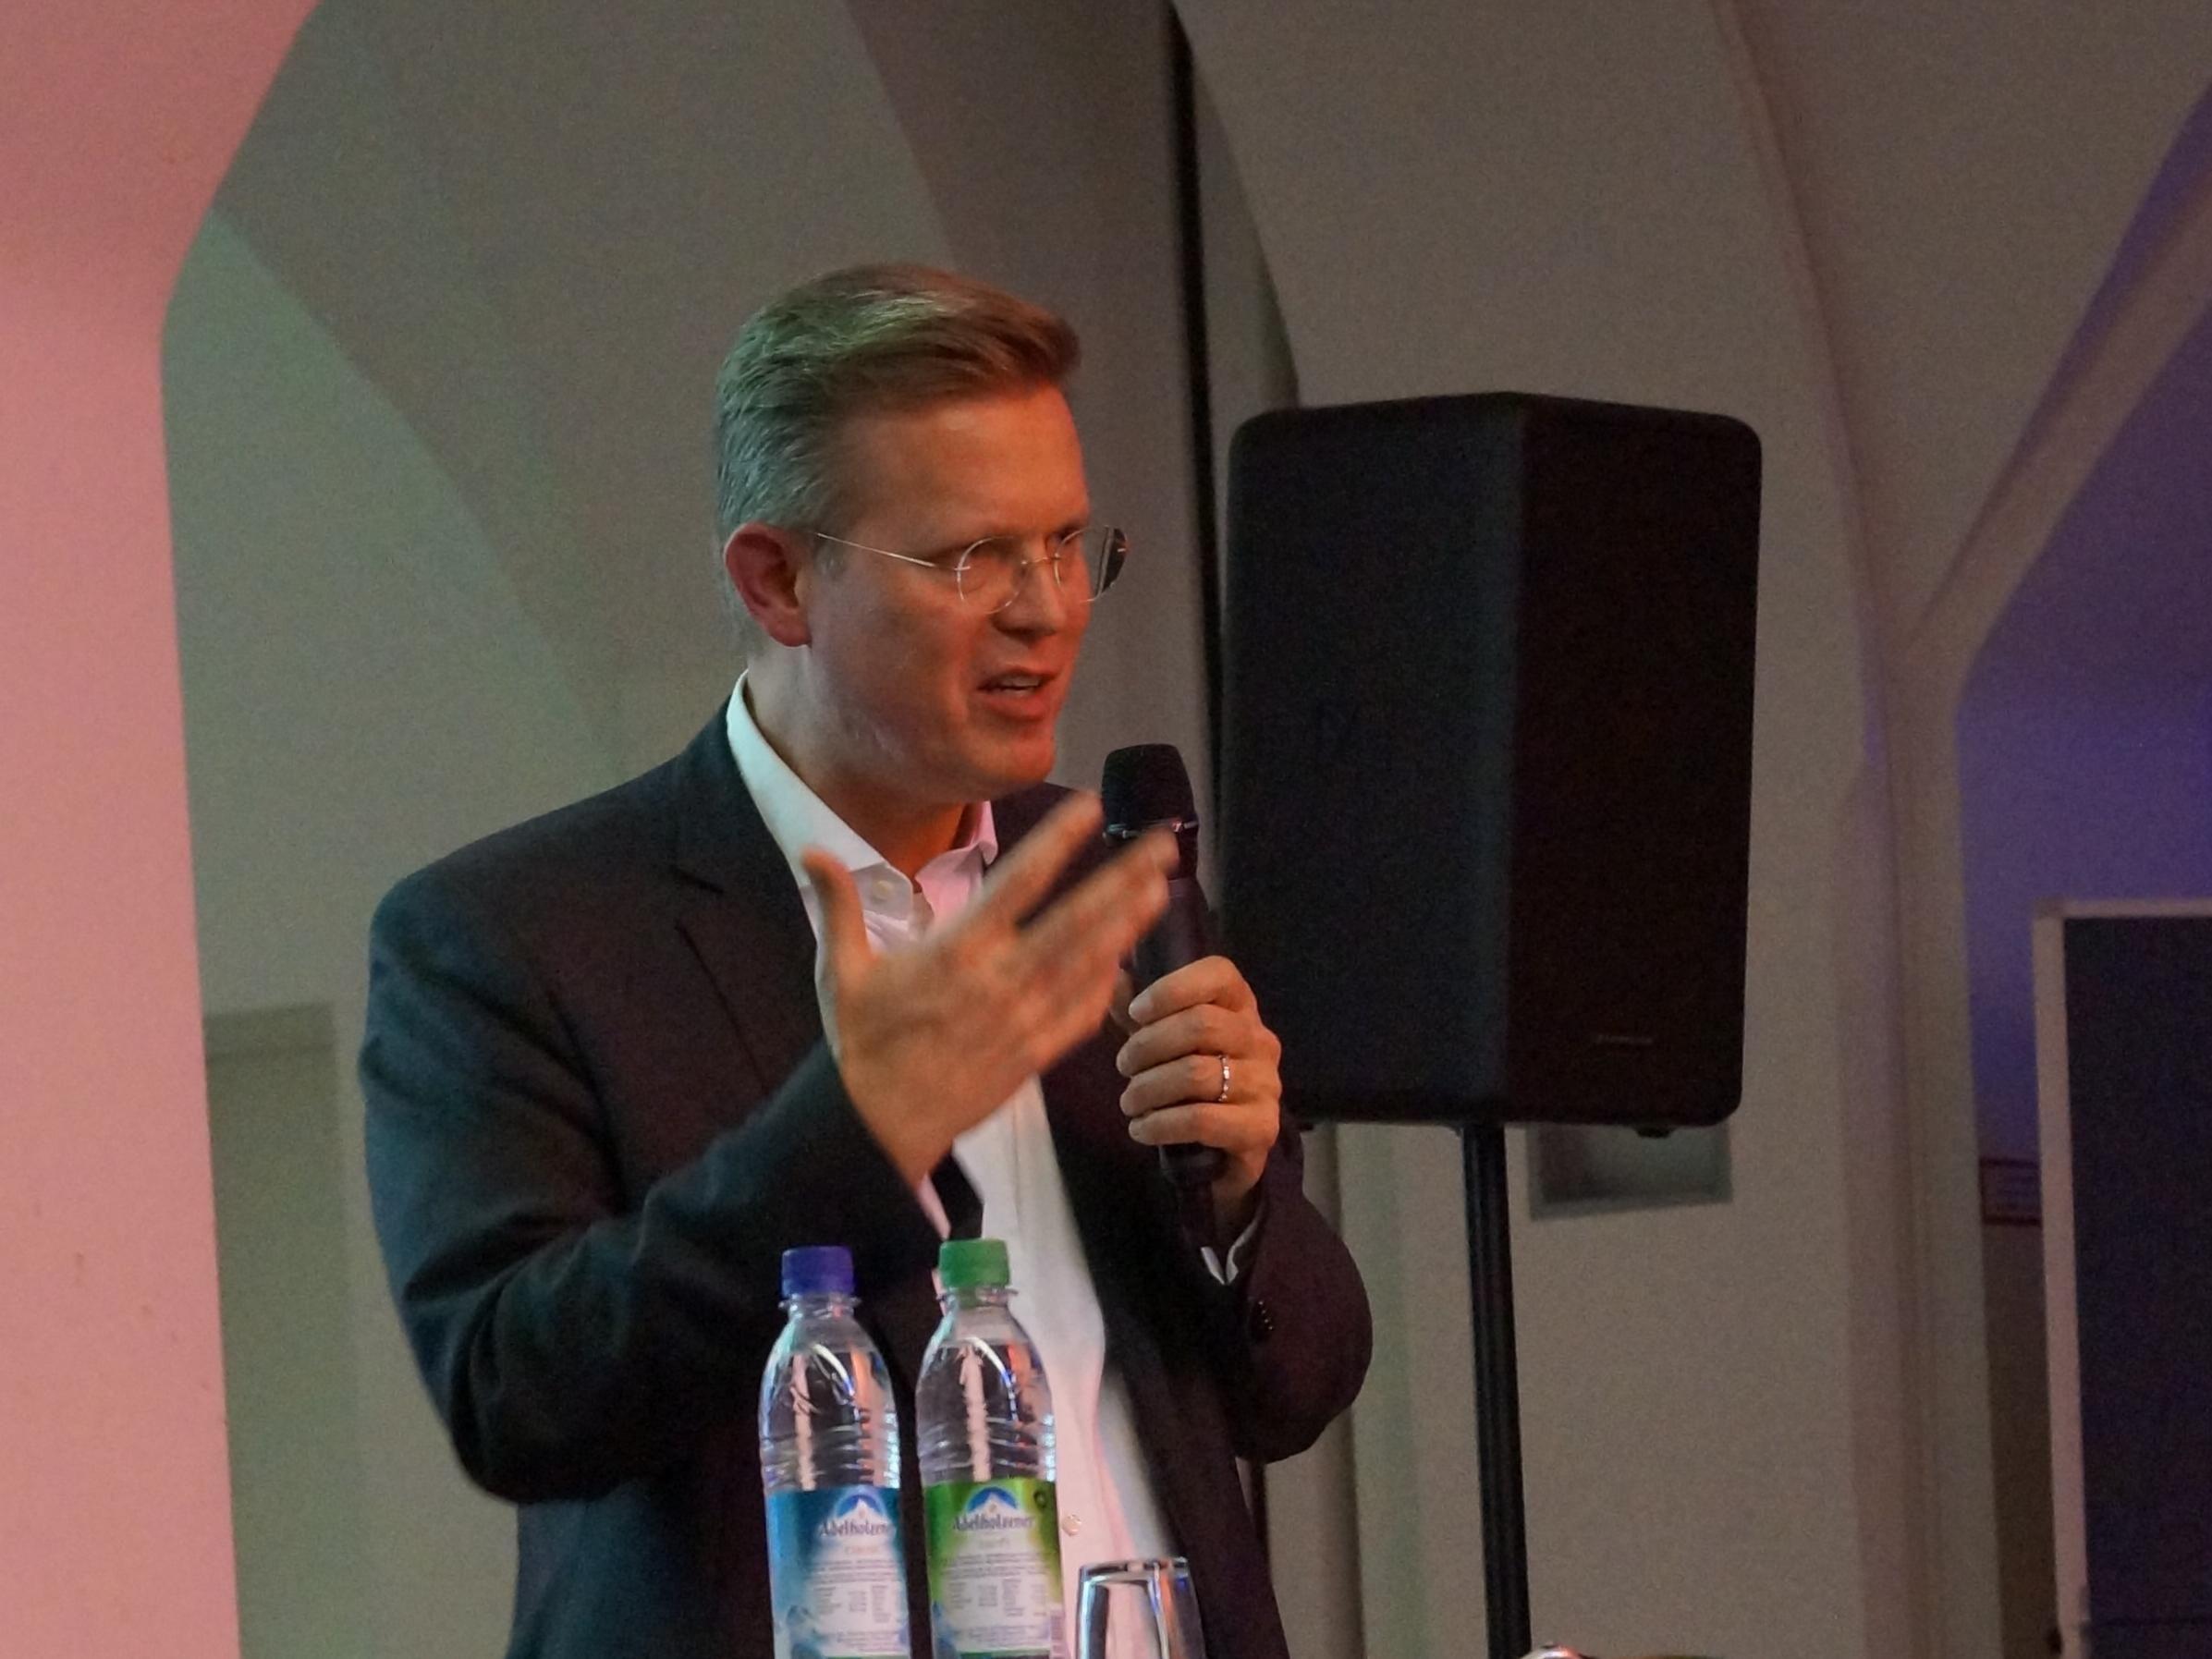 Dominik Meiering